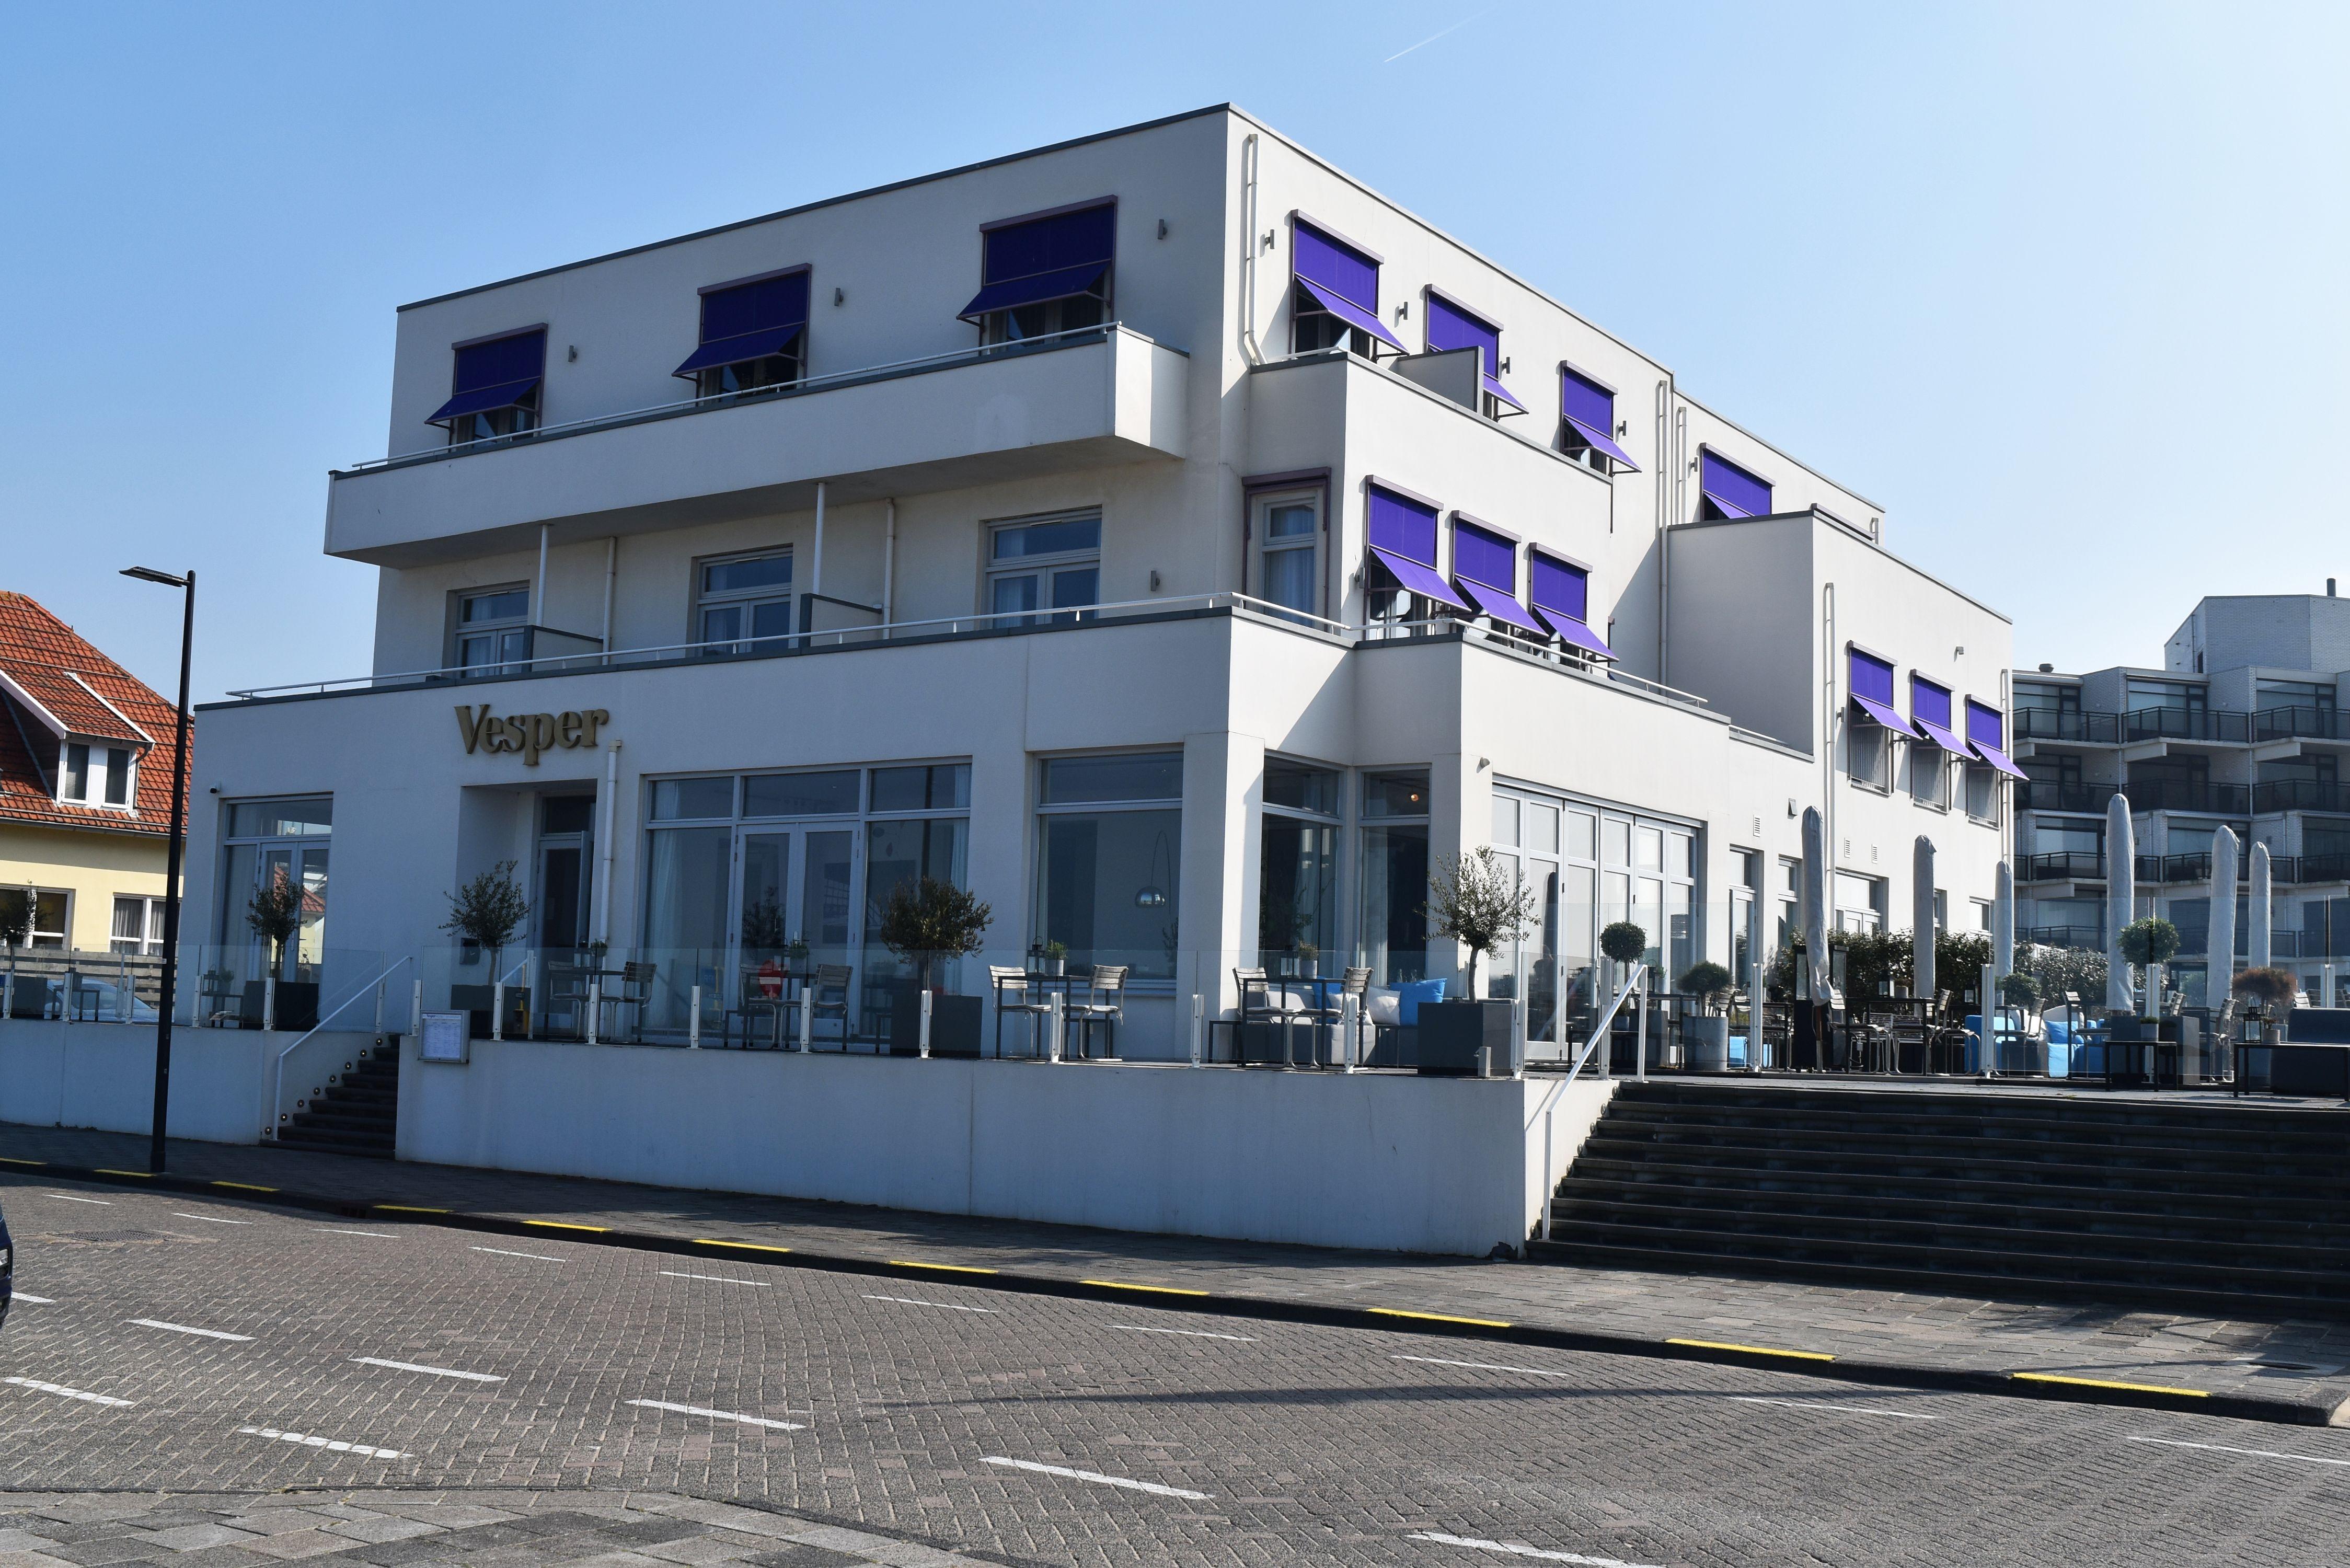 Boutique hotel Vesper - Noordwijk